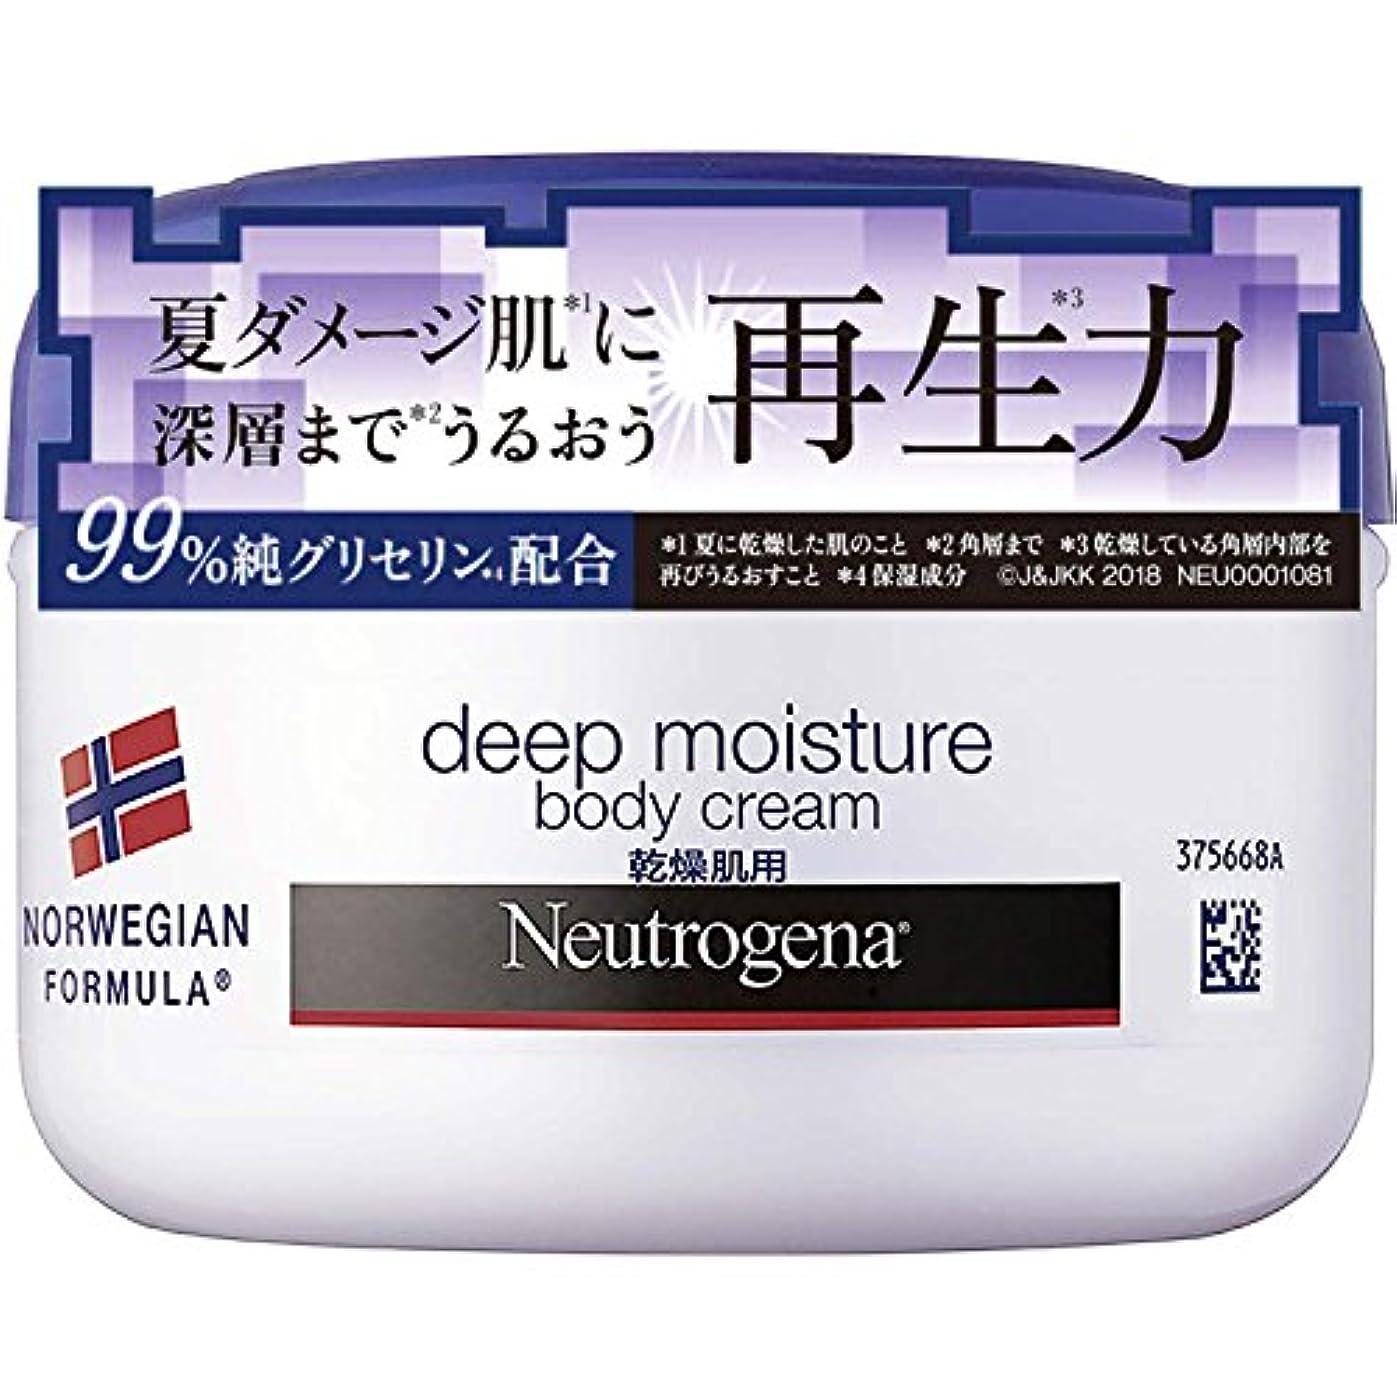 廃止する好み商人Neutrogena(ニュートロジーナ) ノルウェーフォーミュラ ディープモイスチャー ボディクリーム 微香性 200g